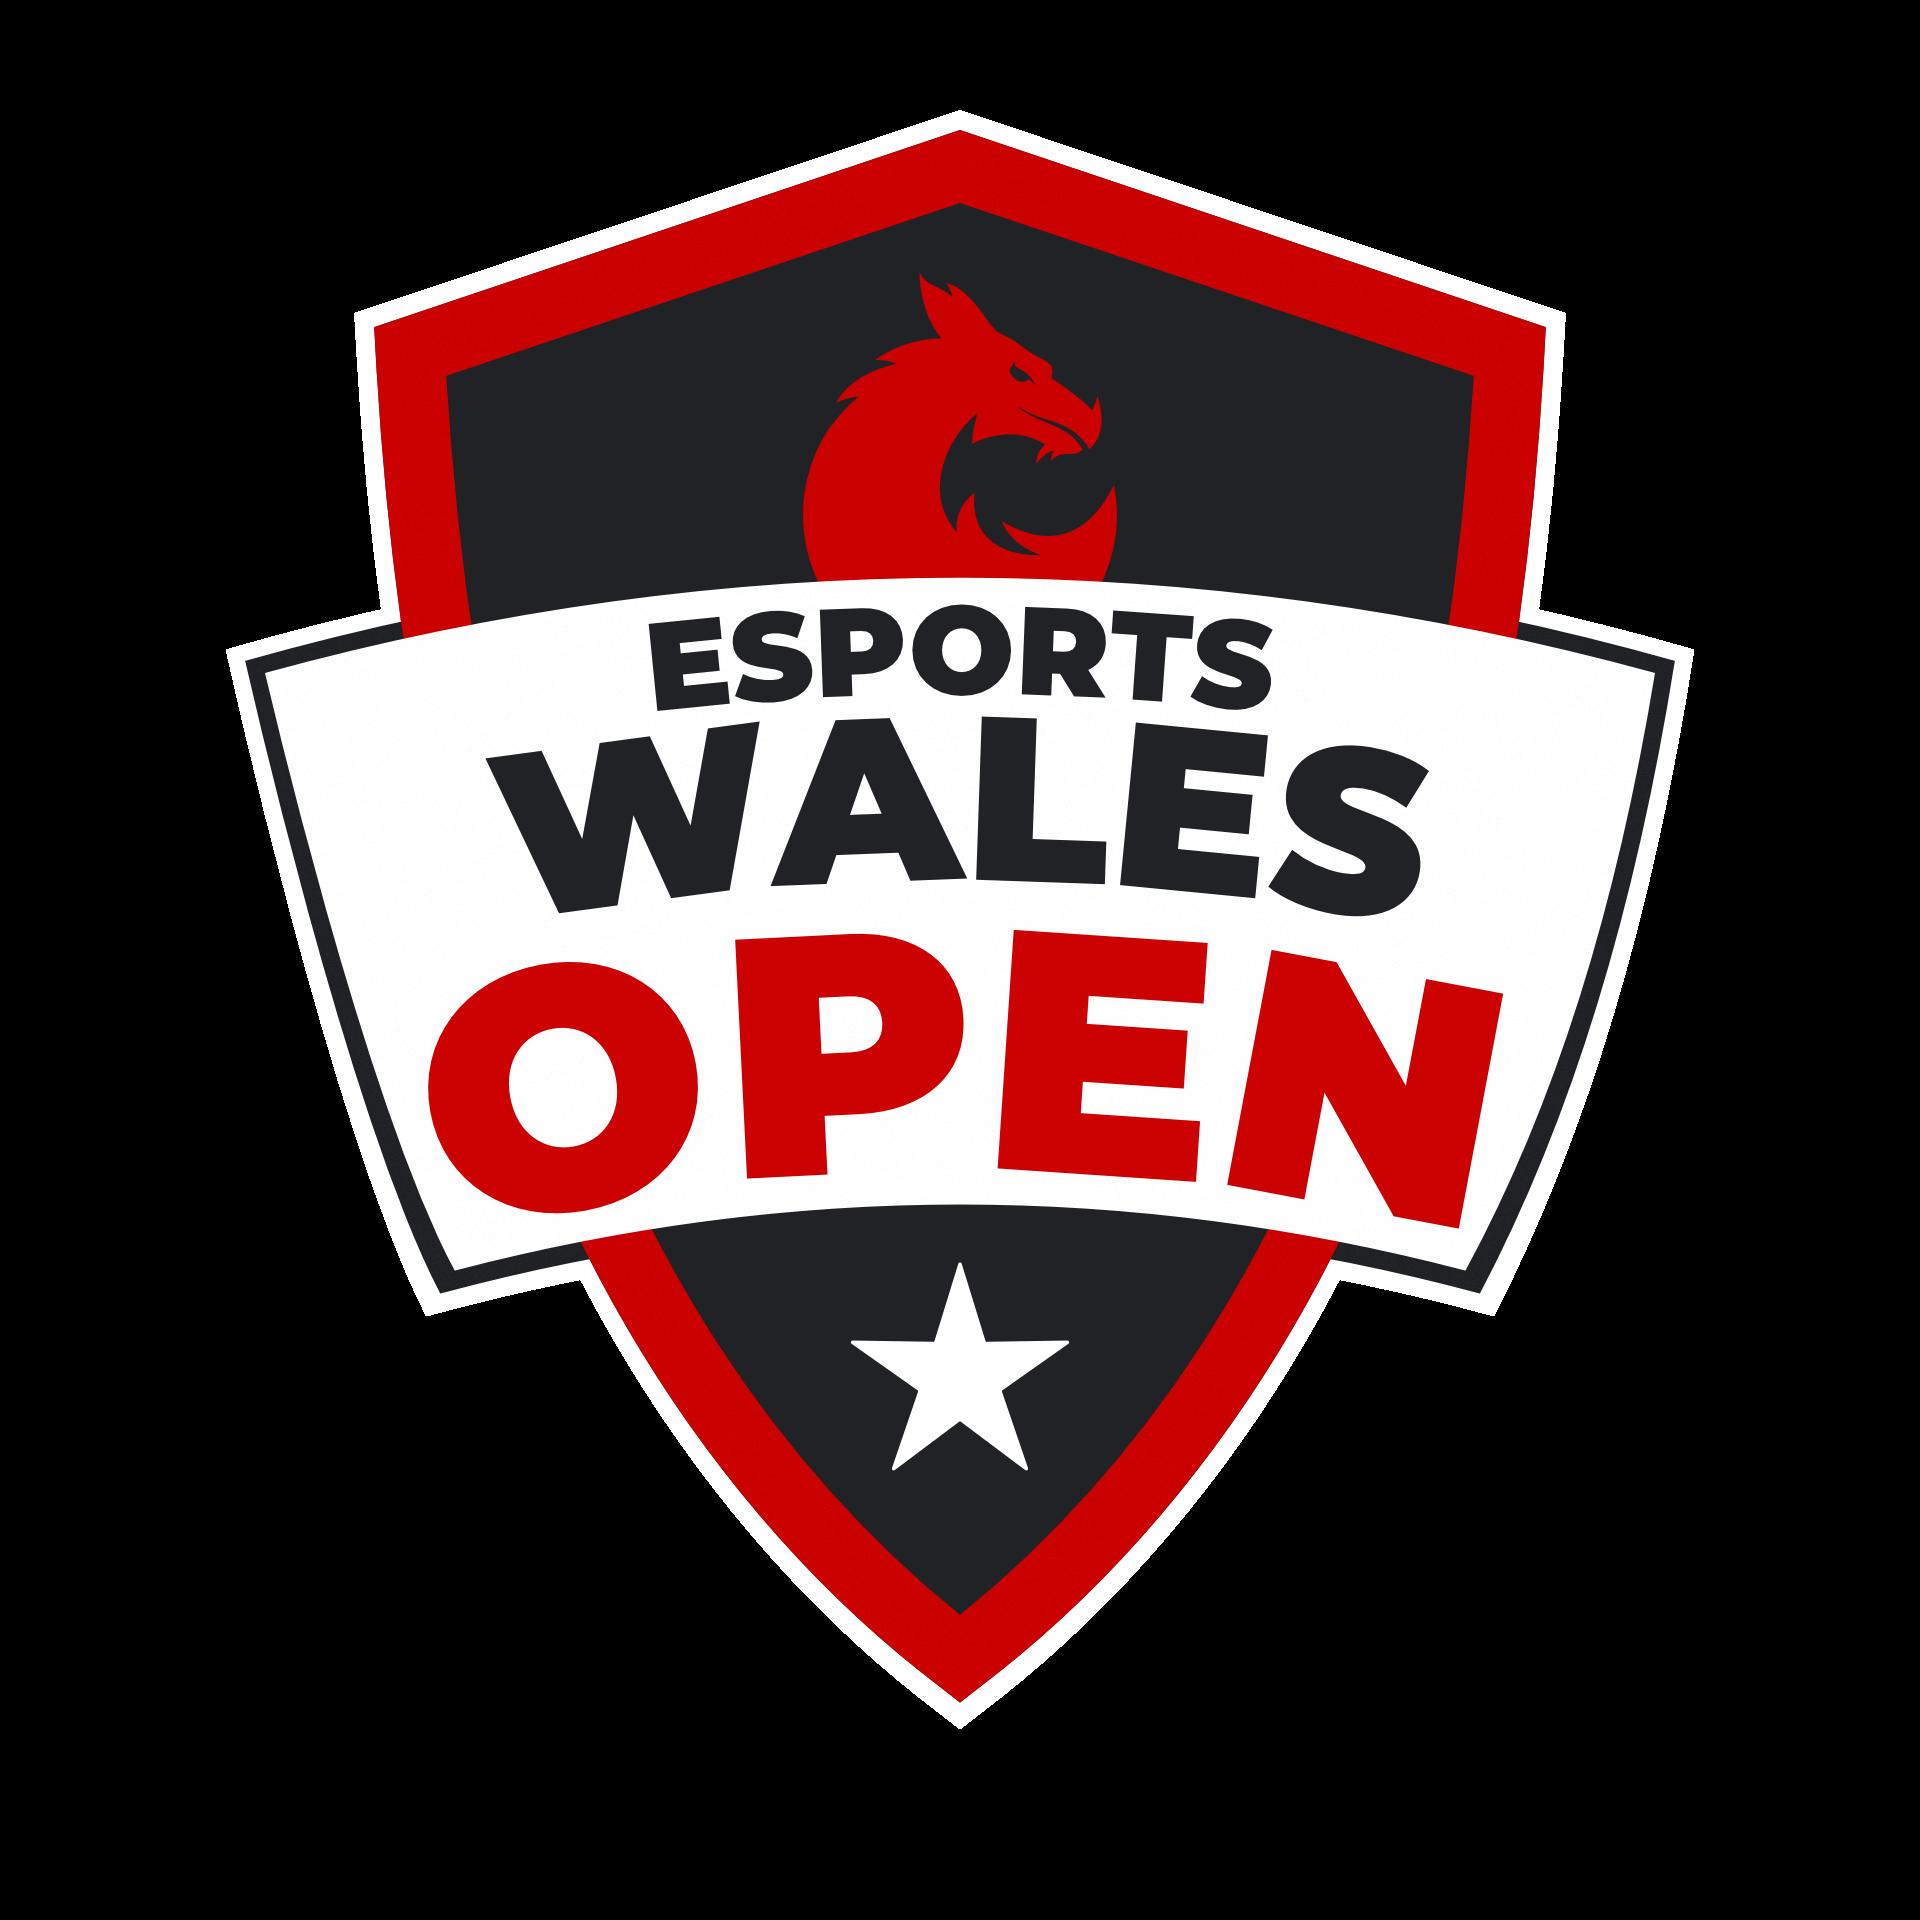 ESW Open - League of Legends